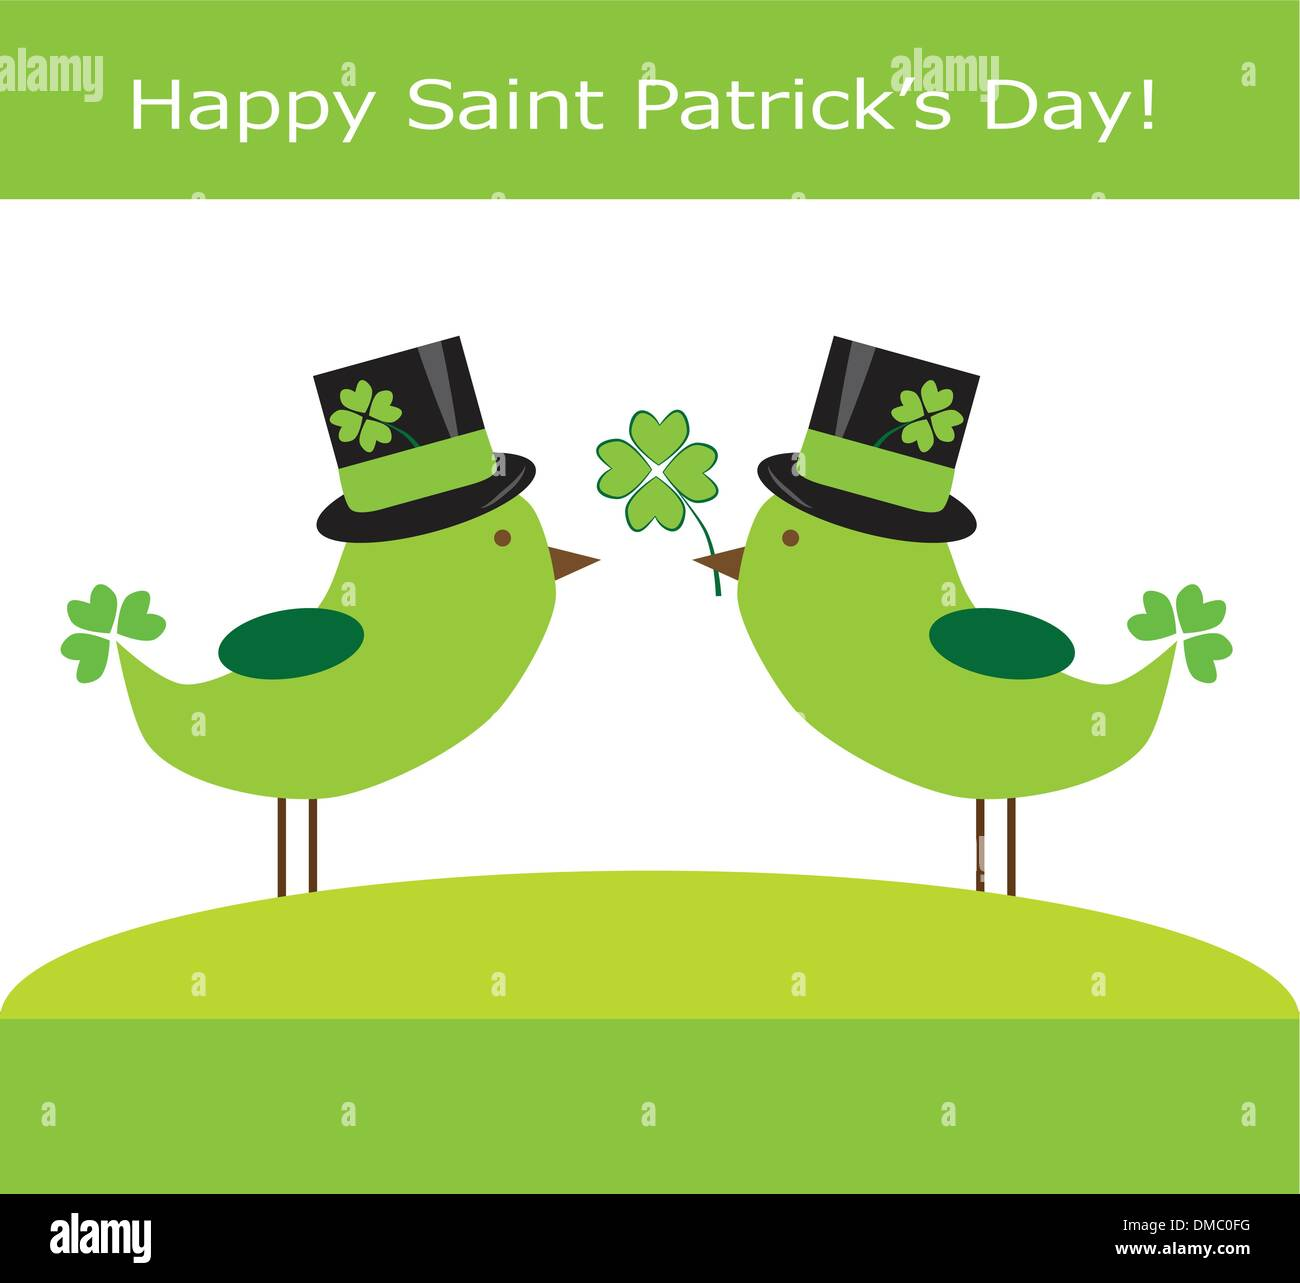 Happy Saint Patrick's Day Birds - Stock Image